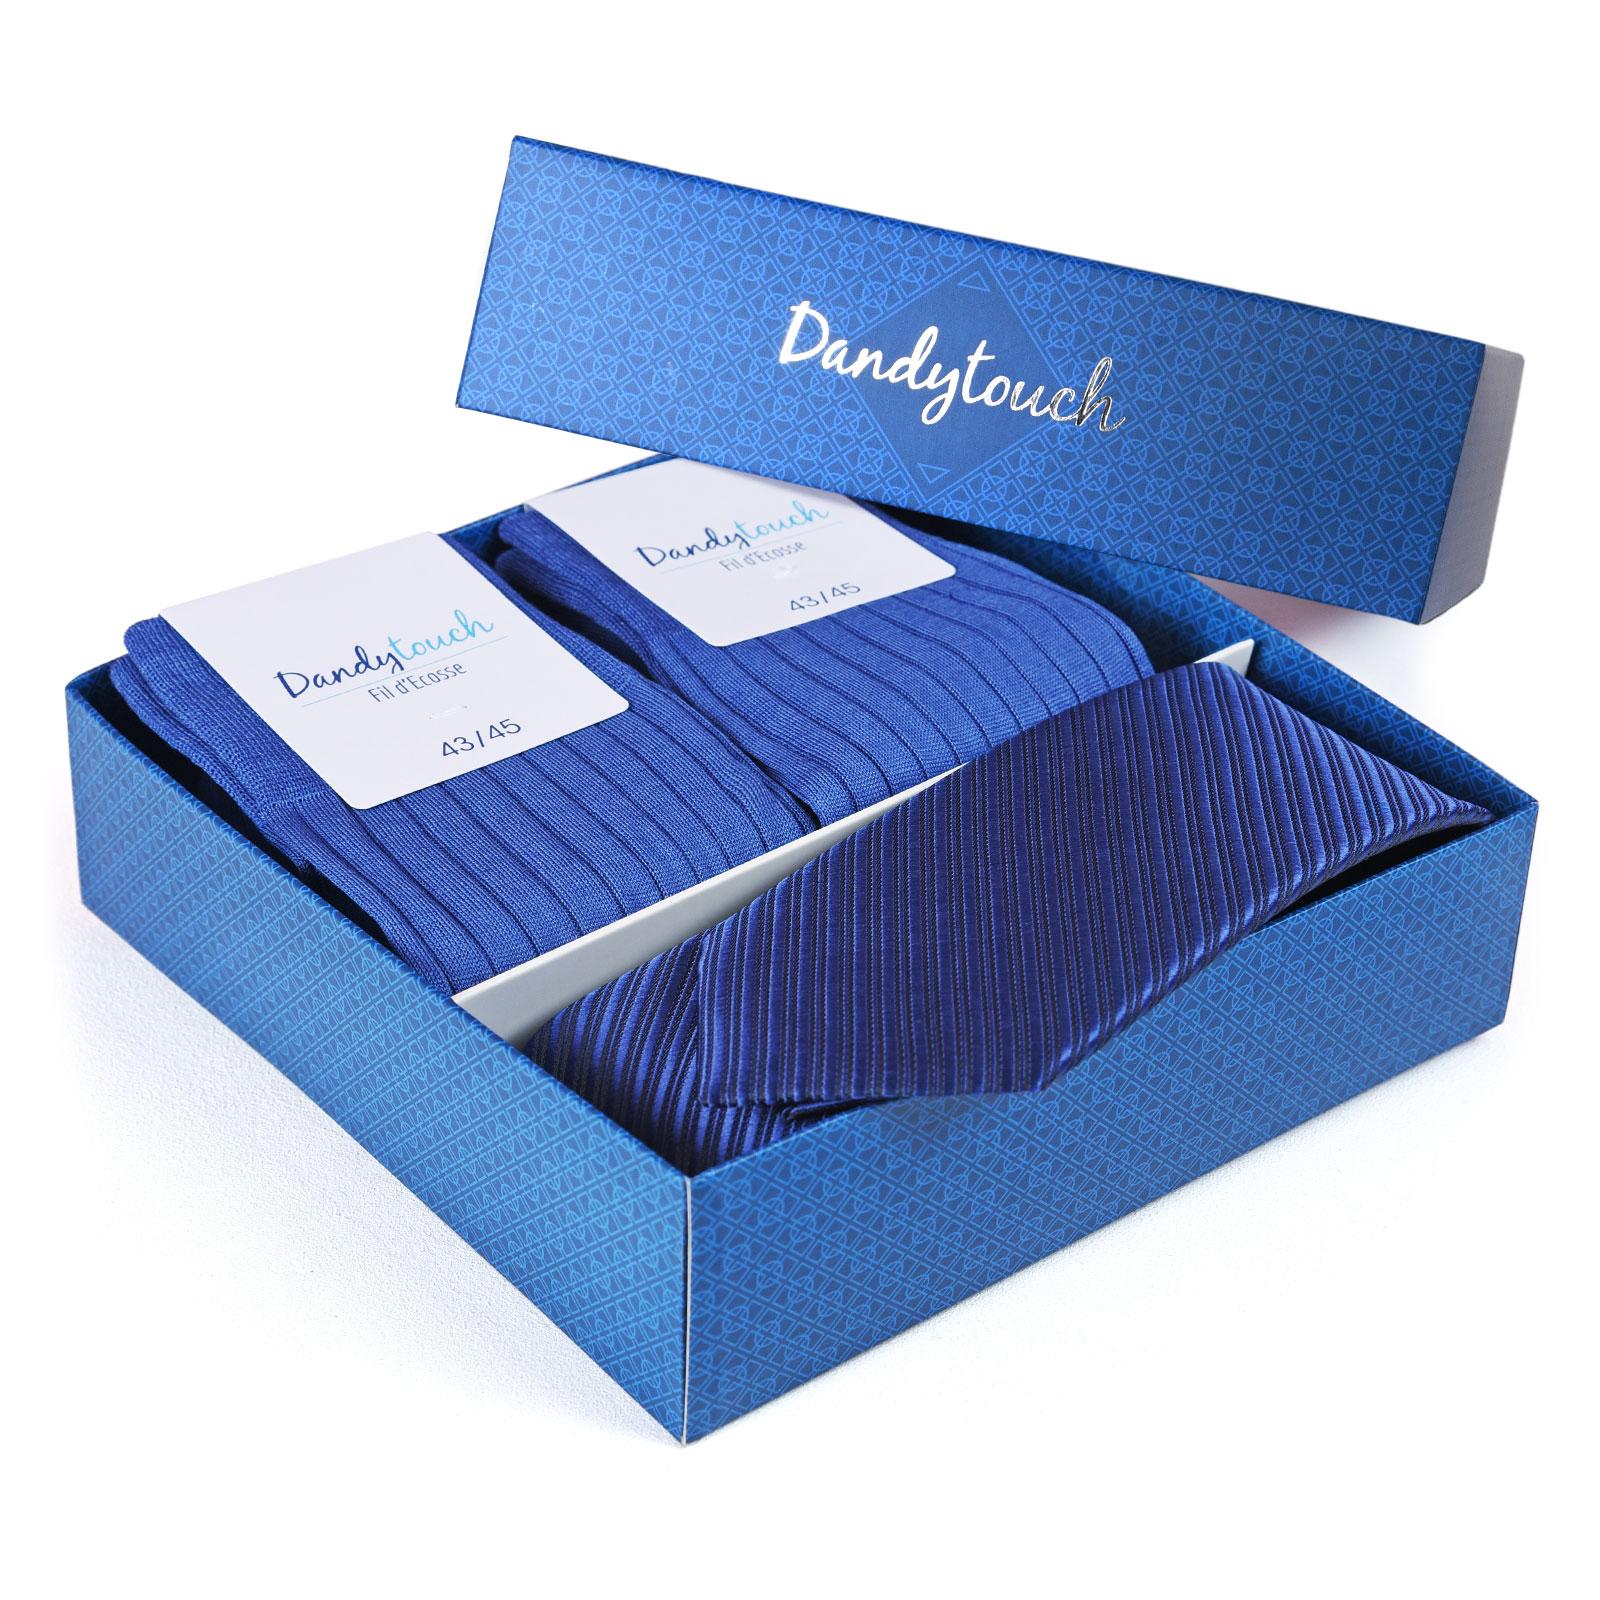 PK-00081-B16-coffret-cadeau-chaussettes-fil-ecosse-cravate-bleu